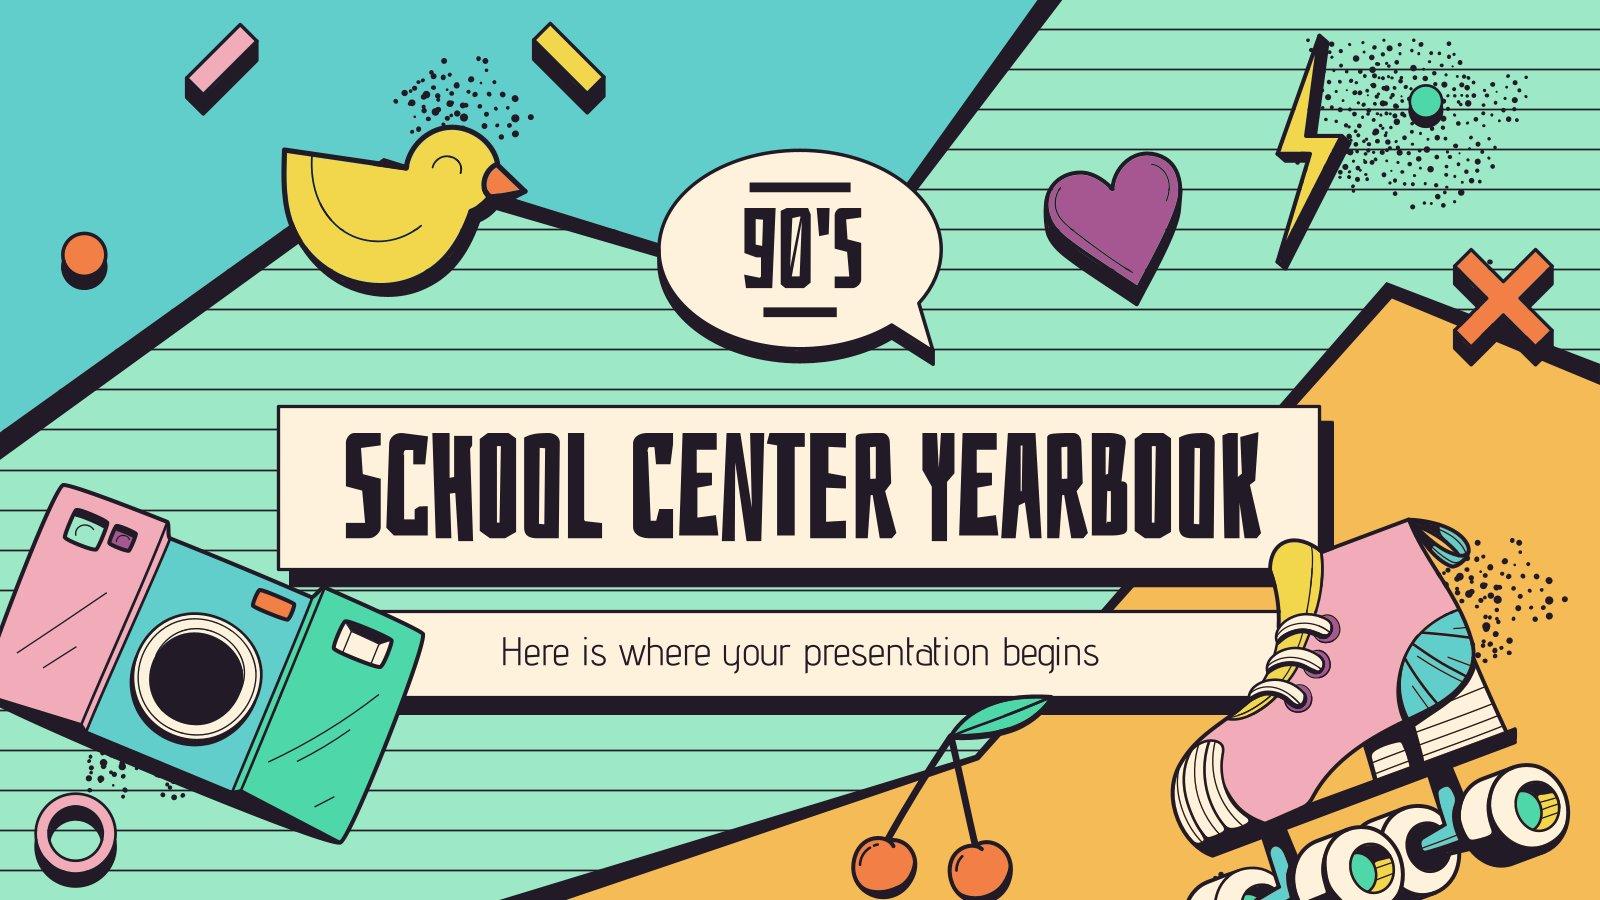 Annuaire scolaire des années 90 : Modèles de présentation